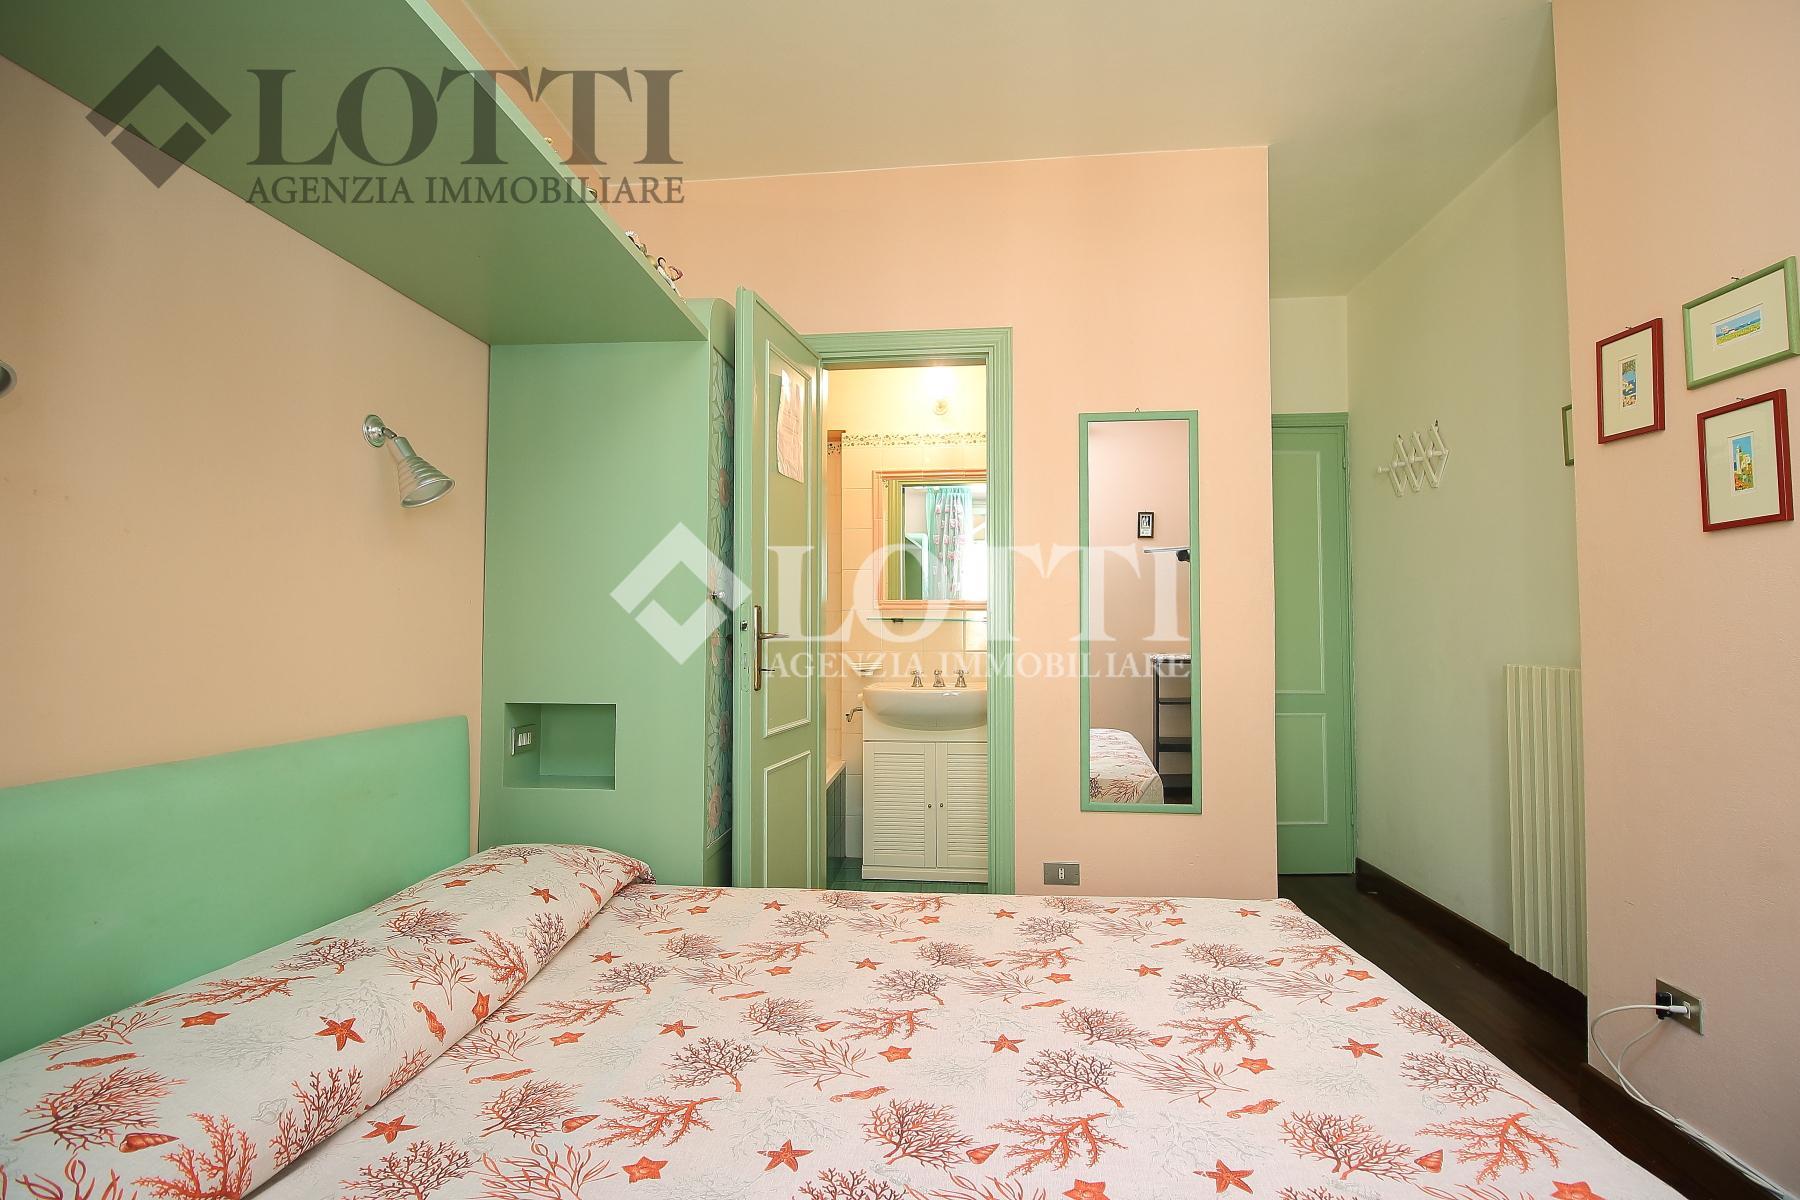 Villetta a schiera in vendita, rif. 239